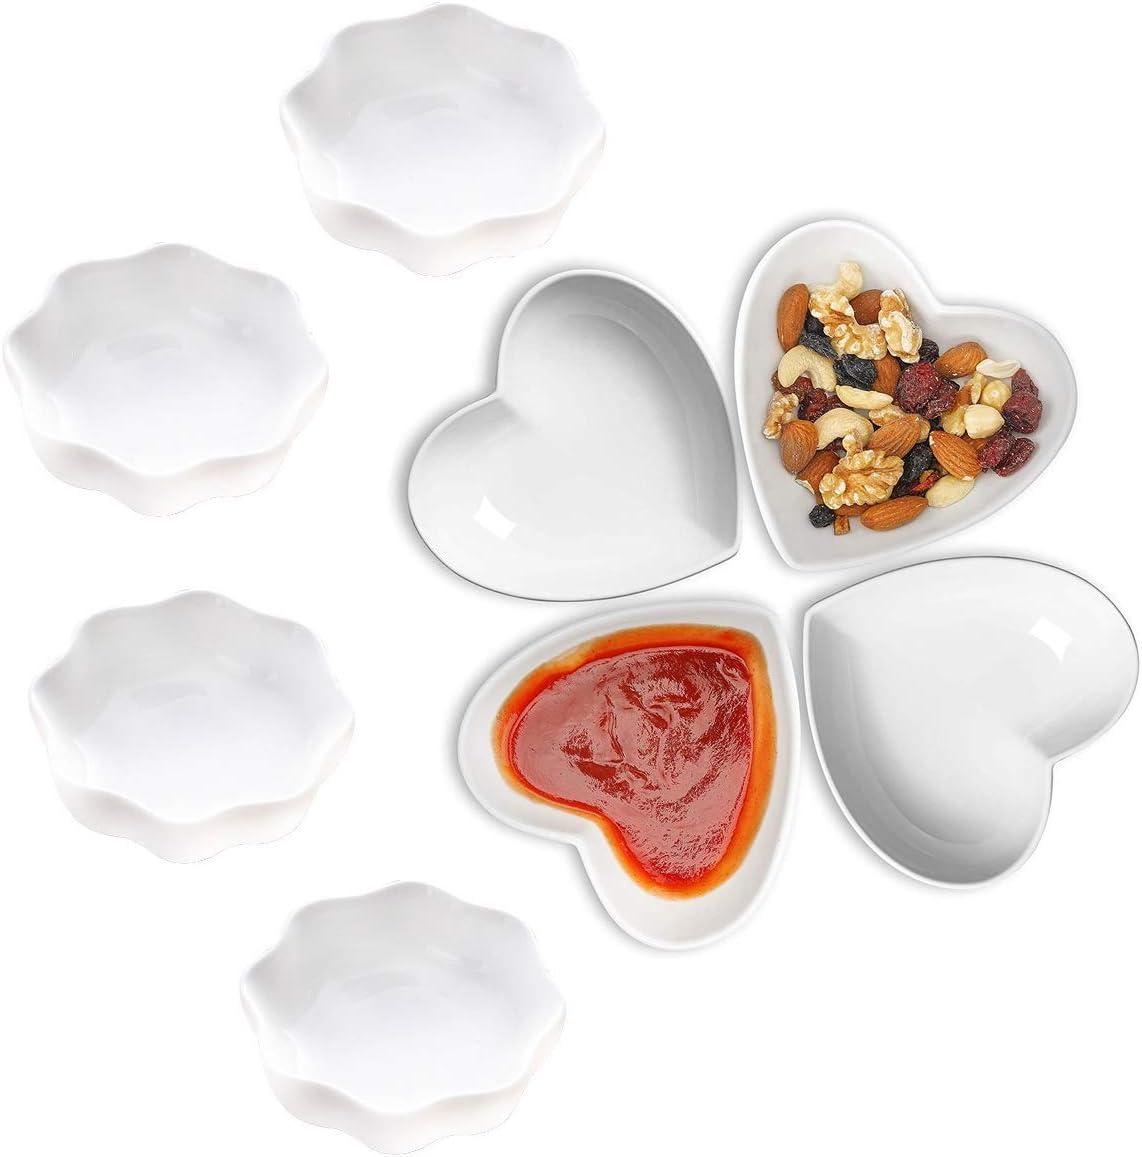 DBAILY Plato de Salsa de Cerámica, 4pcs Forma de Corazón Mini Cuencos Ceramica+4pcs Forma de Ciruela Plato de Salsa de Cerámica para Aperitivos Condimiento Salsa y Snack